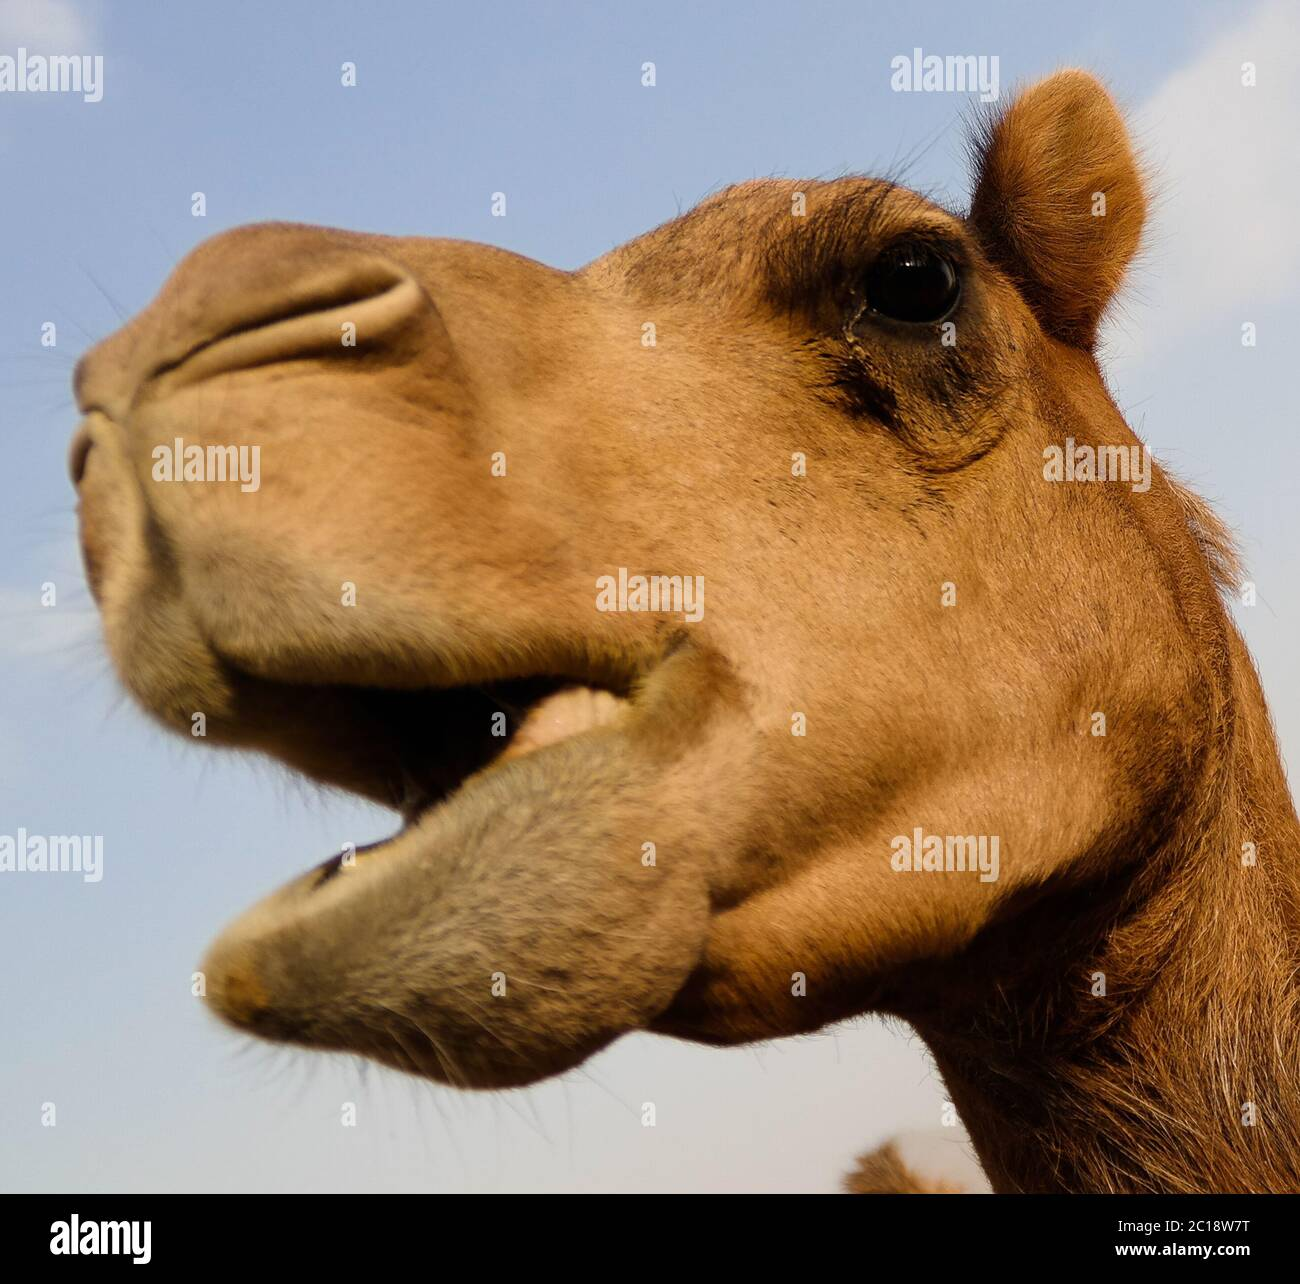 Retrato de la cabeza de camello gracioso, Sharjah, EAU Foto de stock